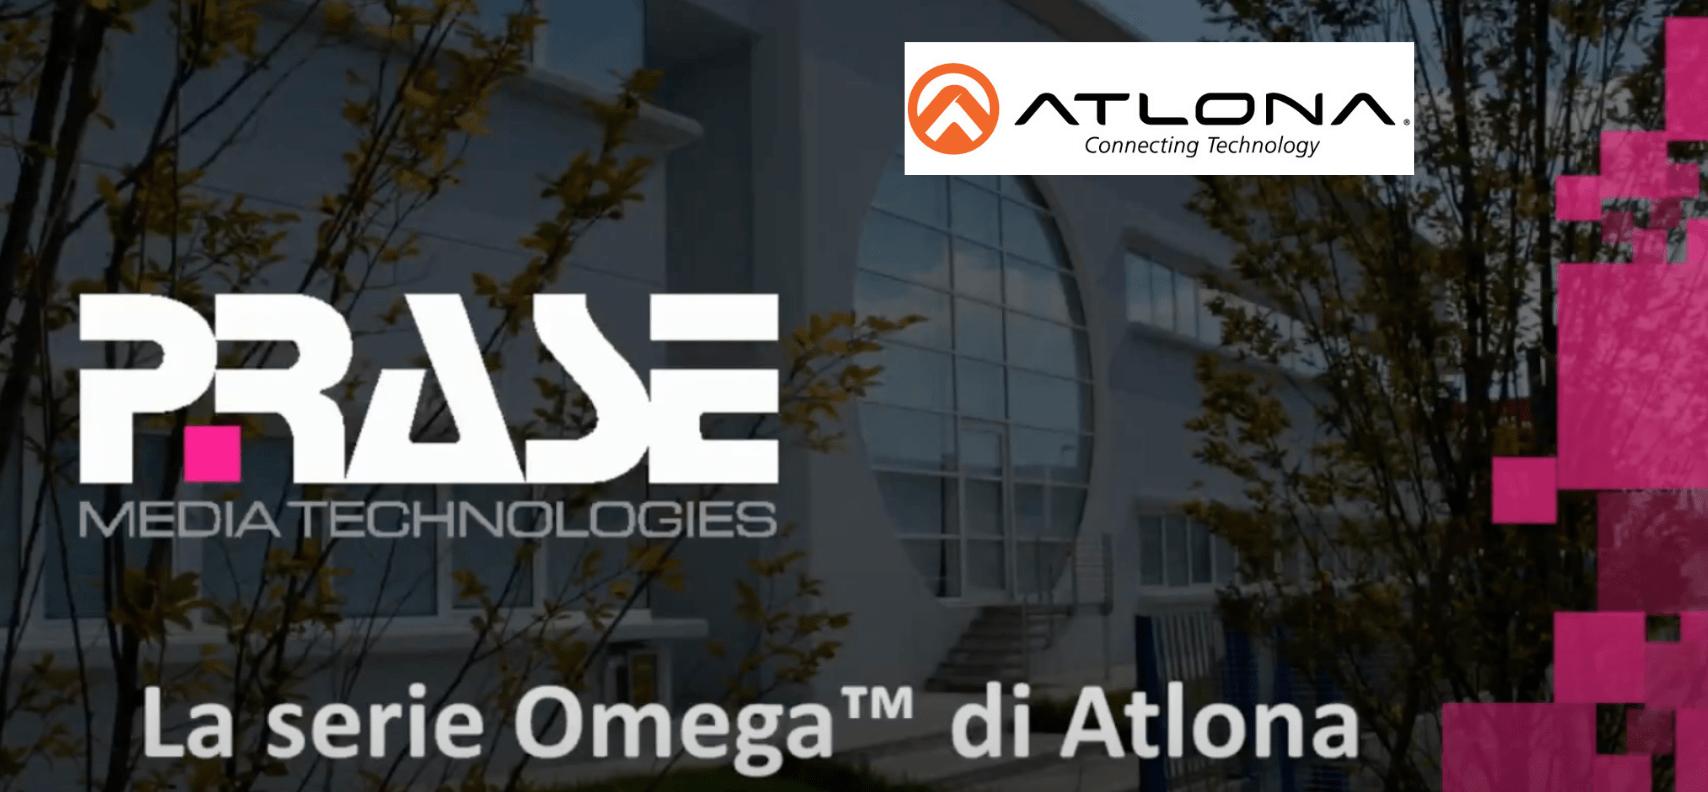 Sistemi di Videoconferenza di Atlona OMEGA